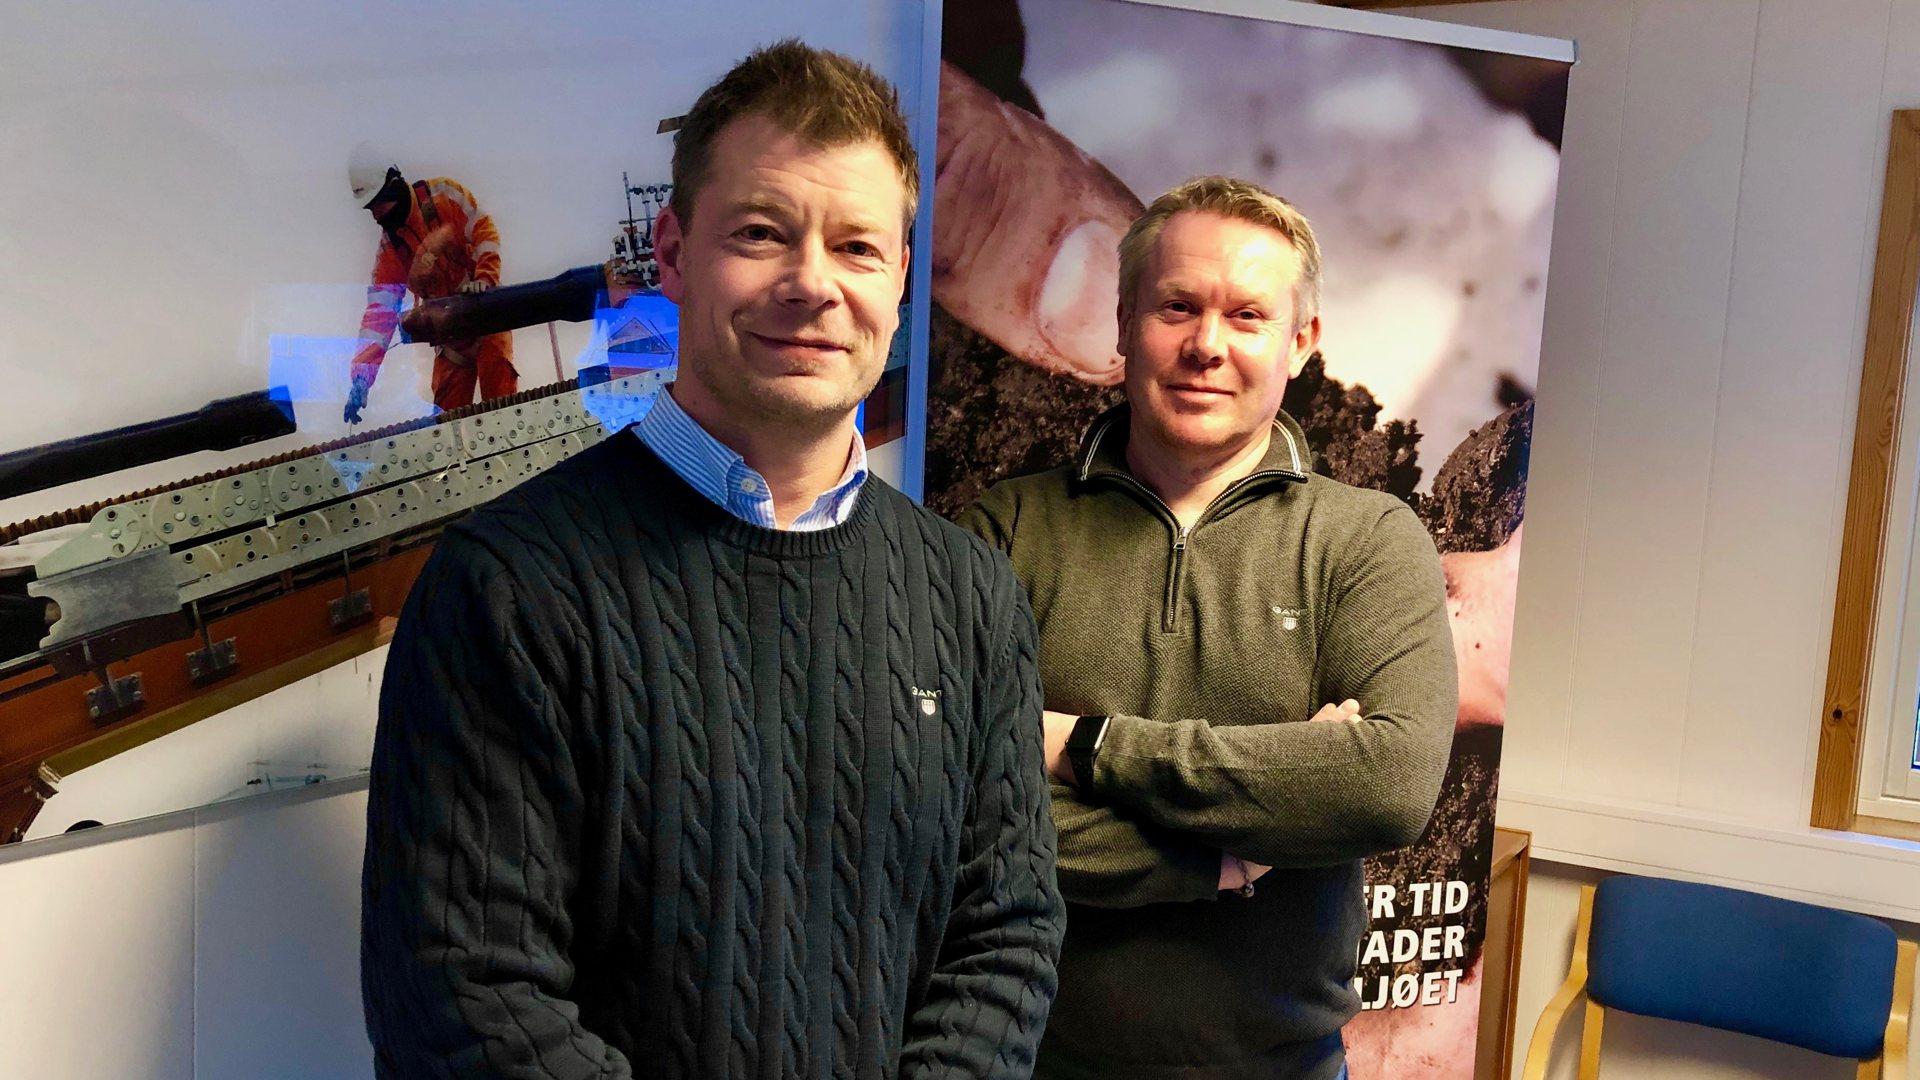 Steg entreprenør får danske eiere